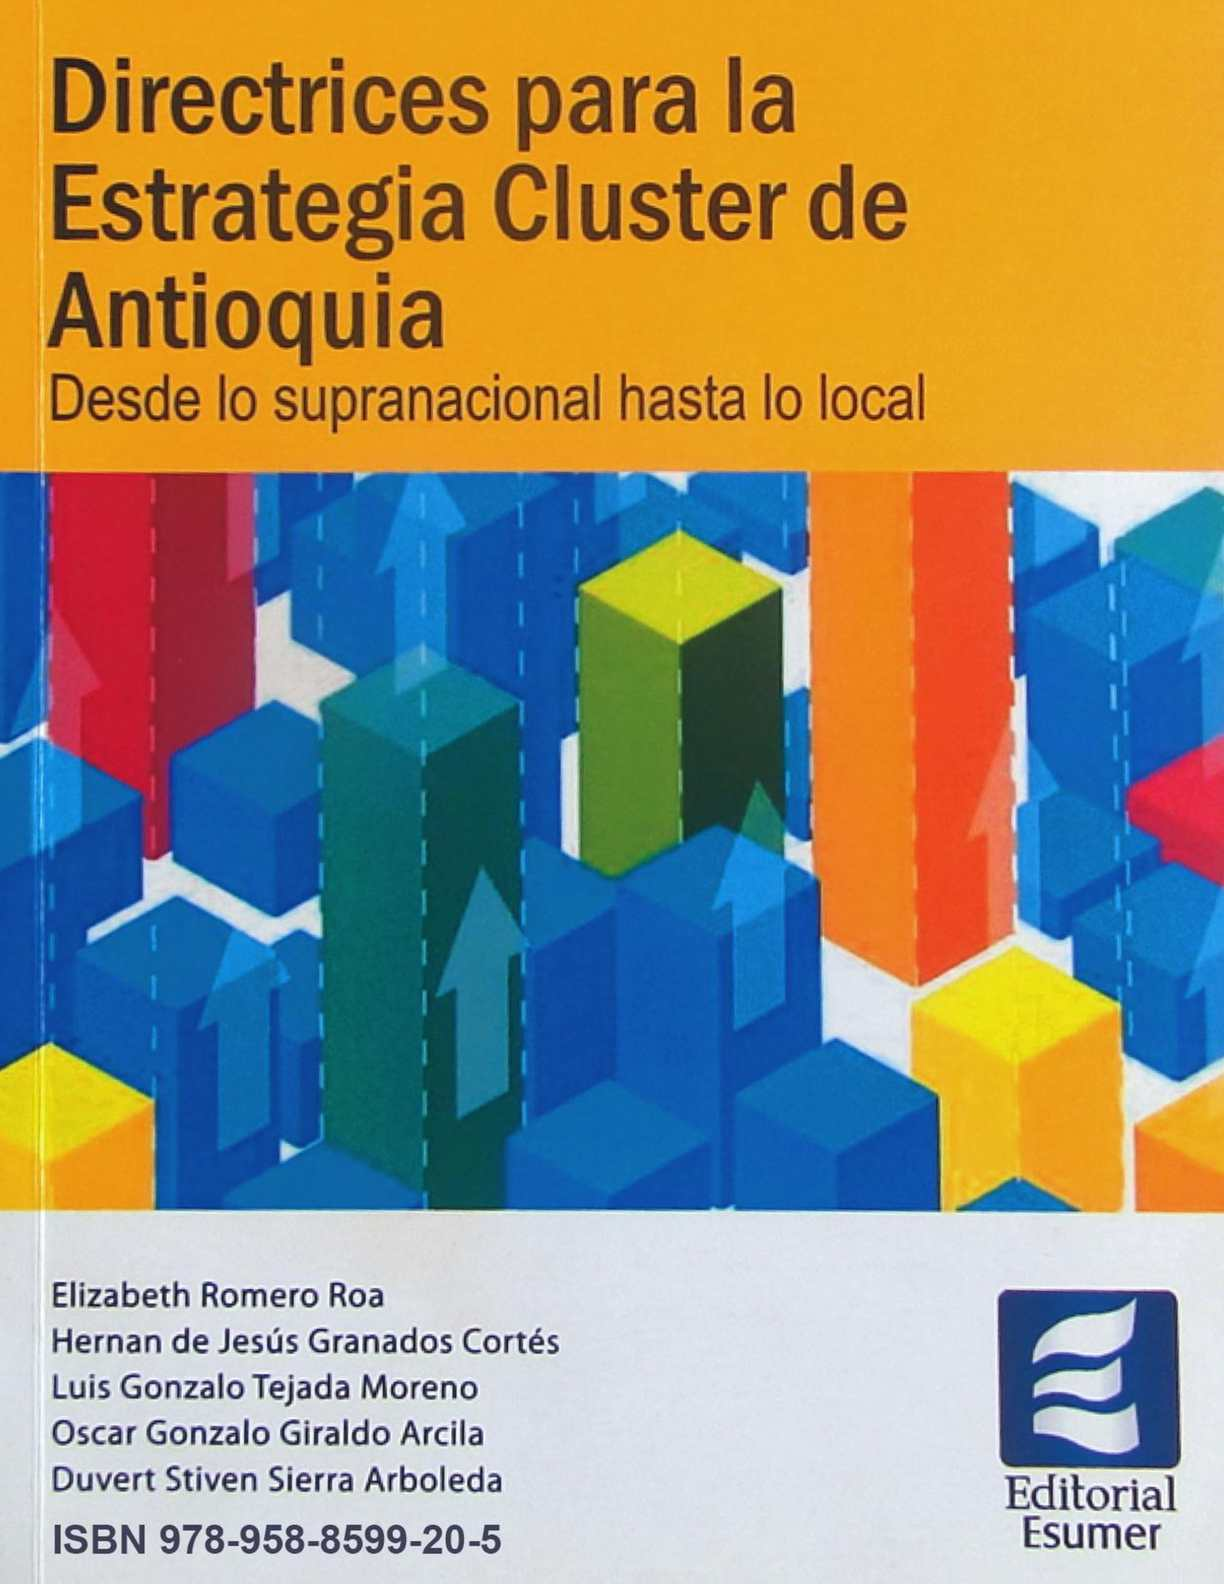 Directrices para la Estrategia Cluster de Antioquia